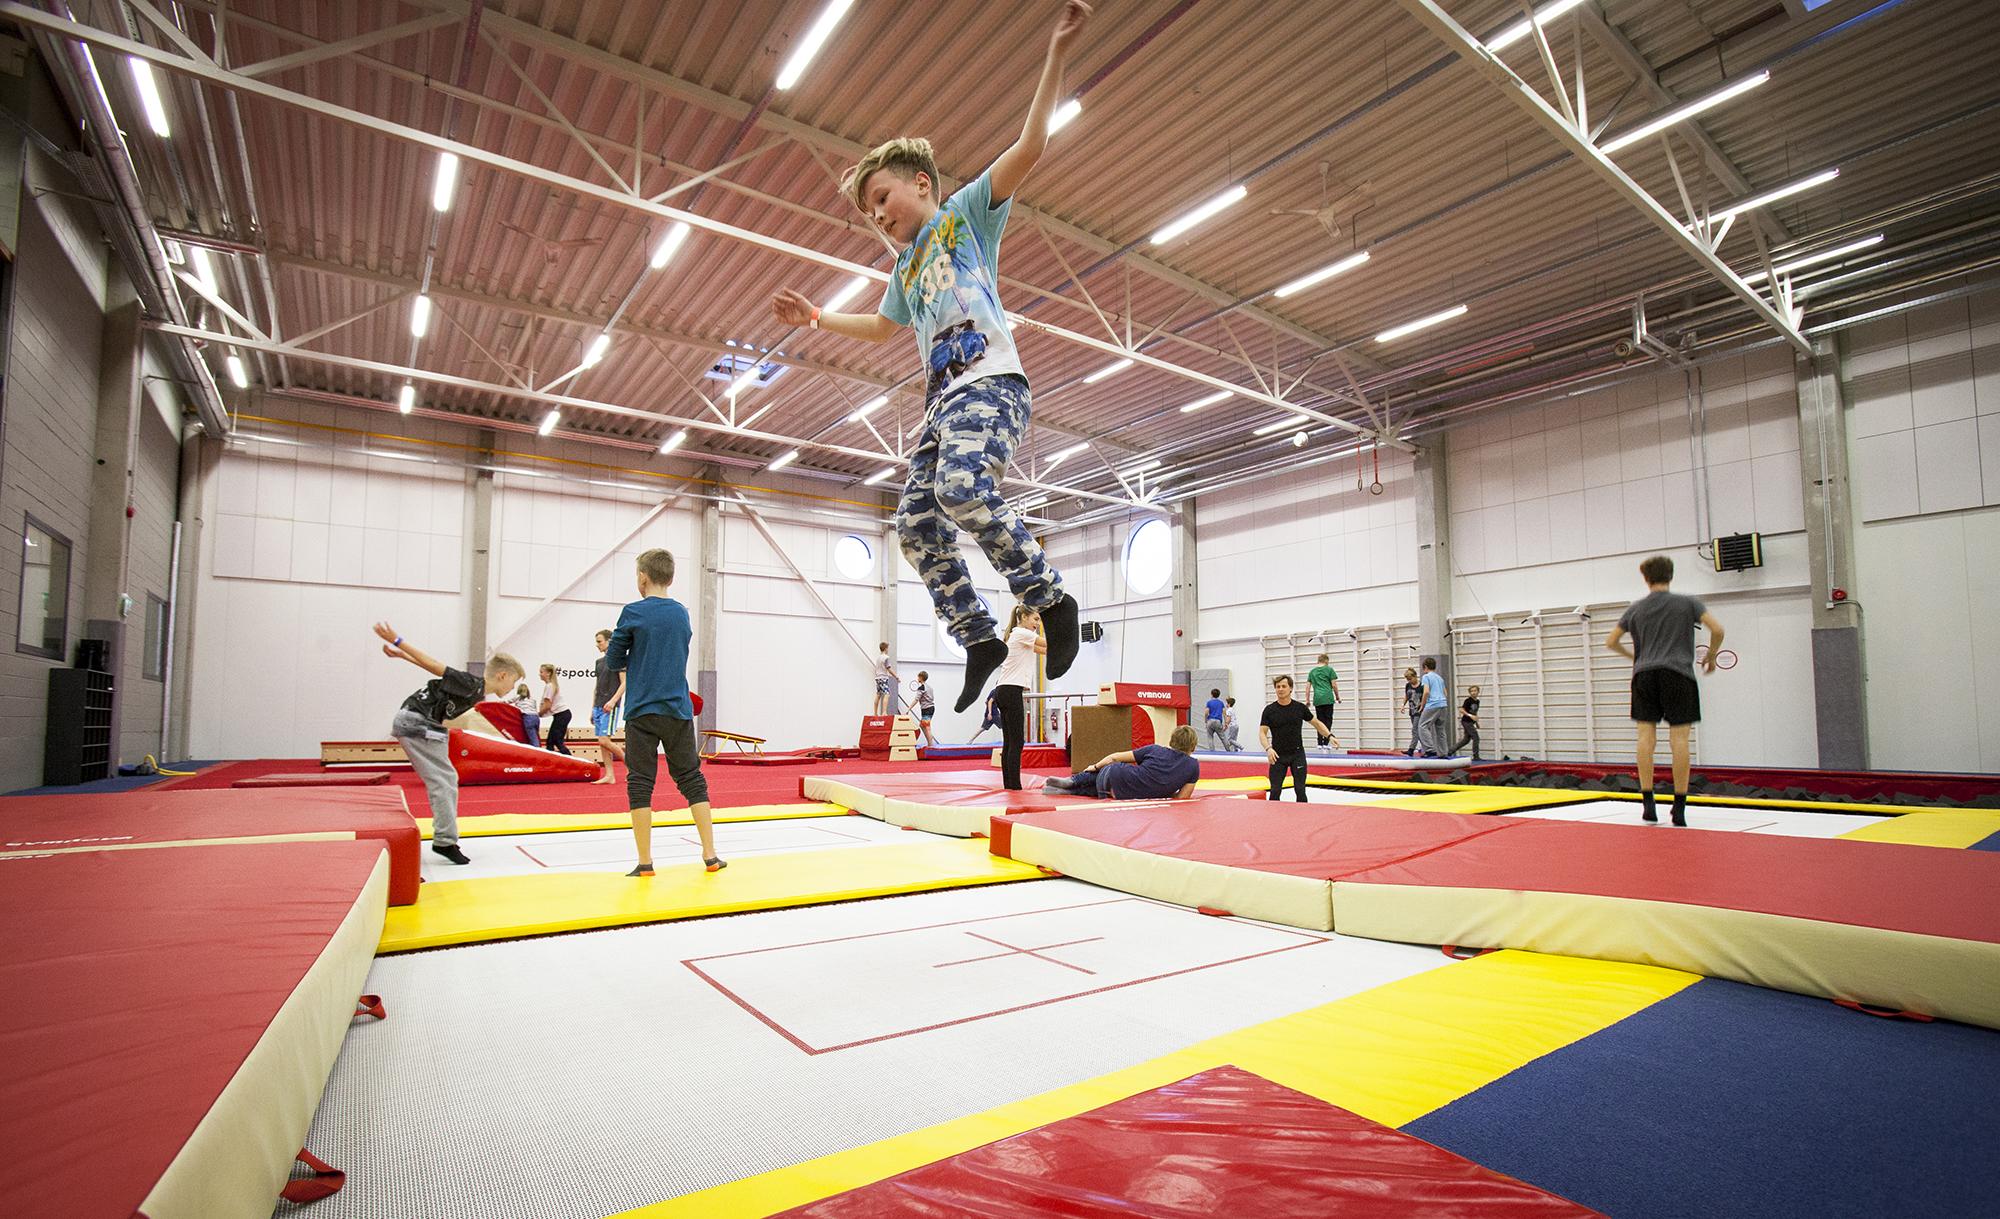 Akrobatia-alueella on eri kokoisia trampoliineja ja muita voimisteluvälineitä. Maailmalla menestynyt virolainen freestyle-hiihtäjä Kelly Sildaru on usein harjoitellut Spot of Tallinnassa.